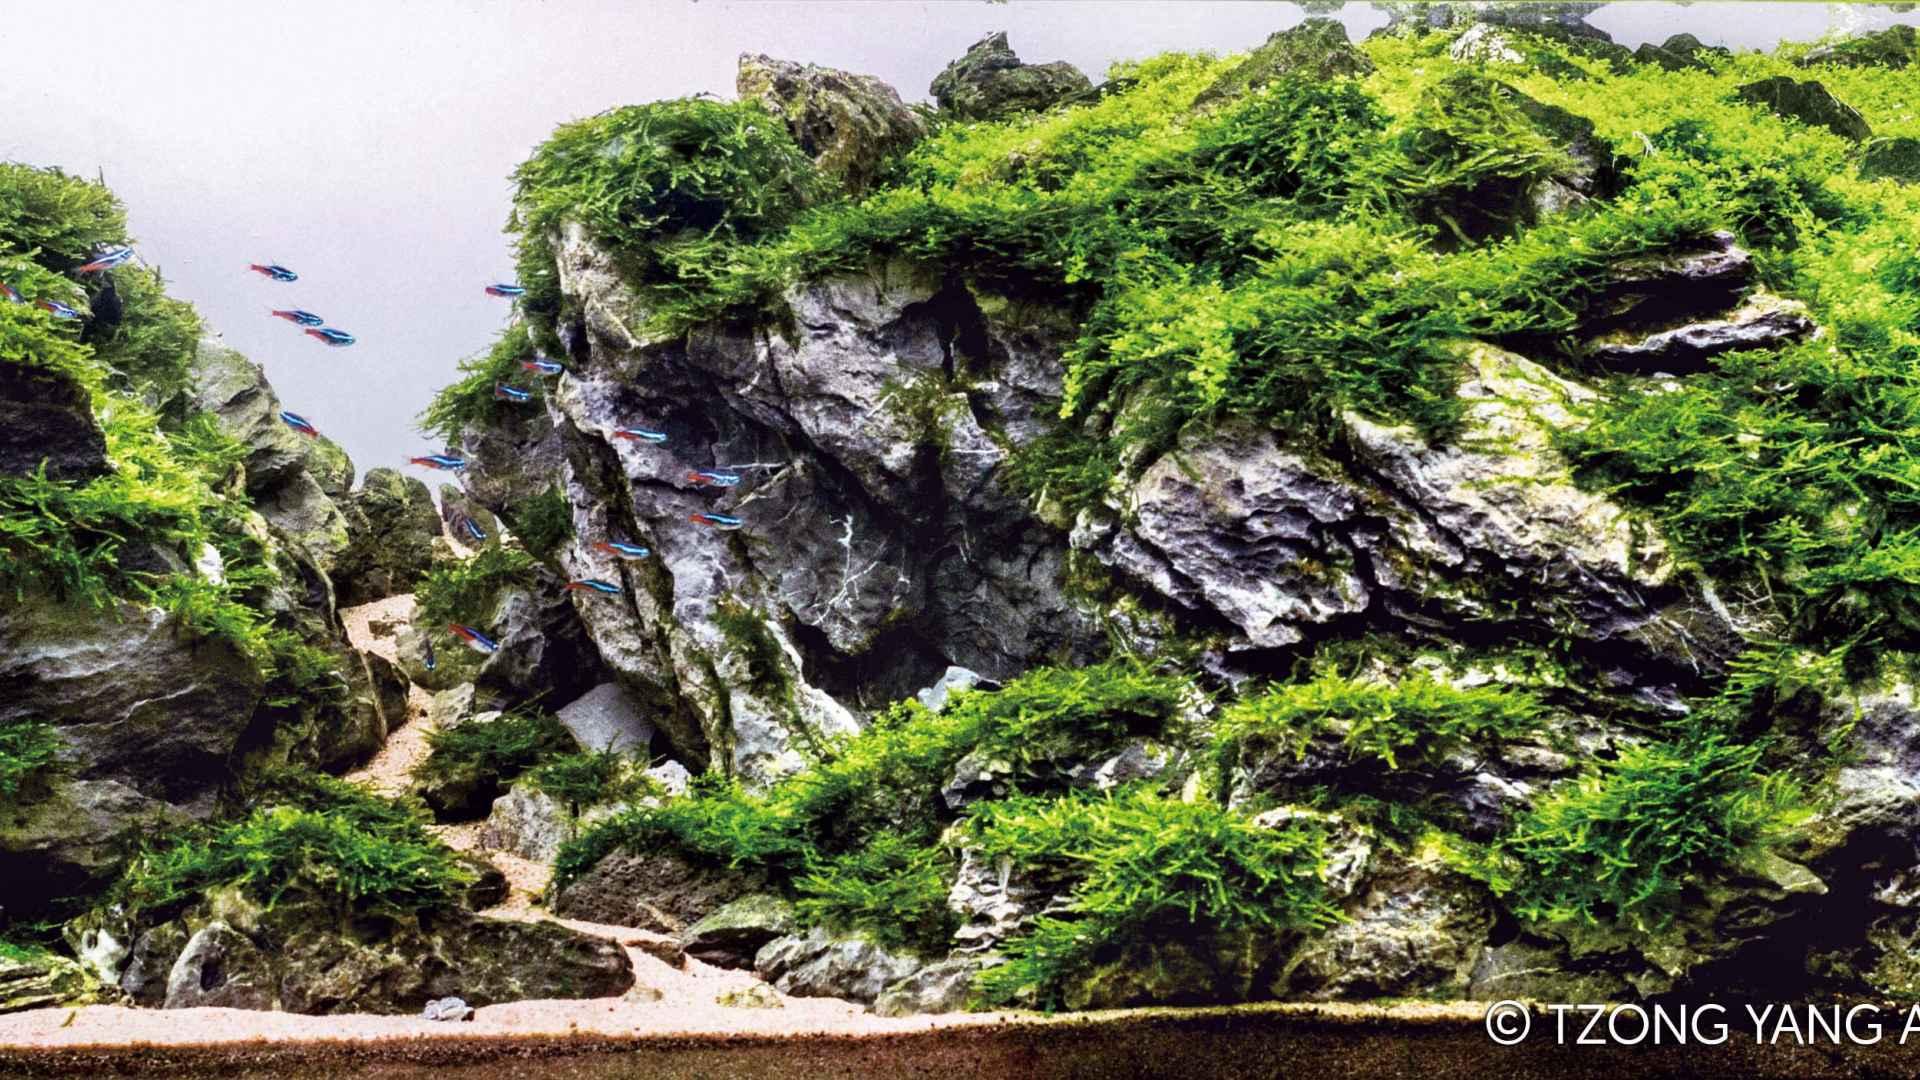 第24名 – 中国 – 杨远志 – 巨人山谷 – 200L ~ 320L